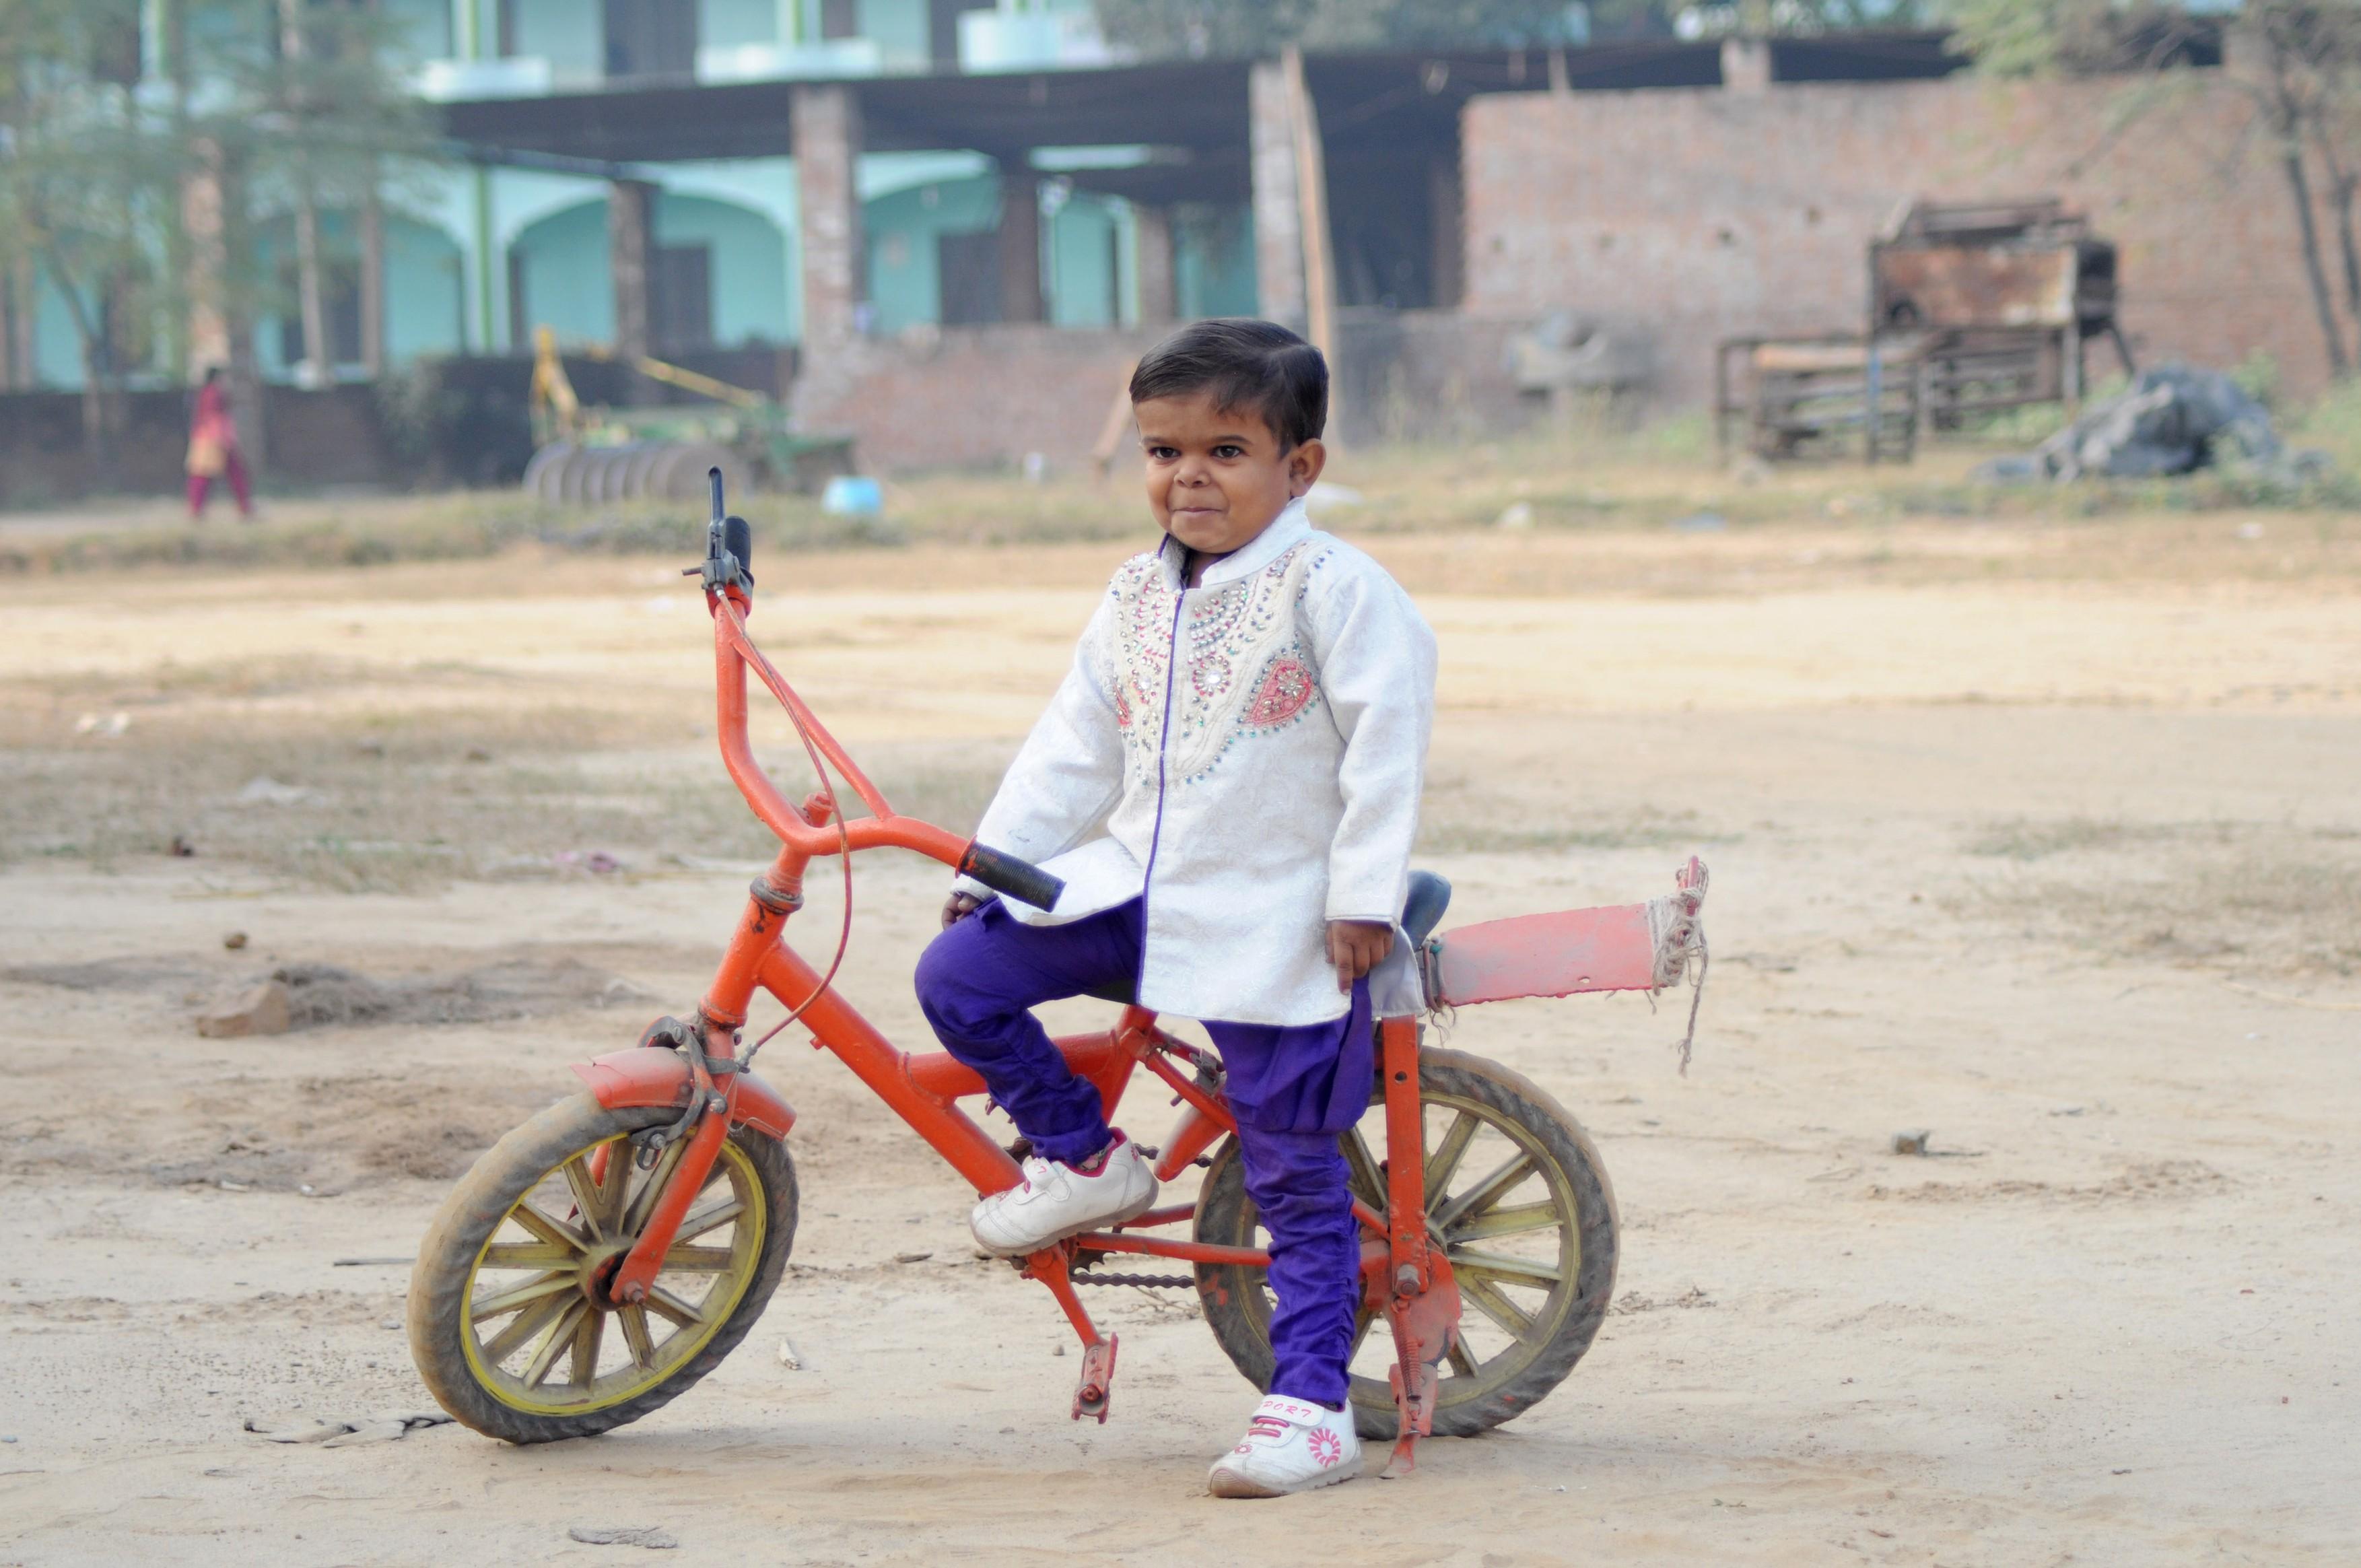 Ganesh Baraiya are o înălțime de sub 1 m și cântărește doar 15 kg, dar va deveni cel mai scund doctor din lume. Ce vârstă are